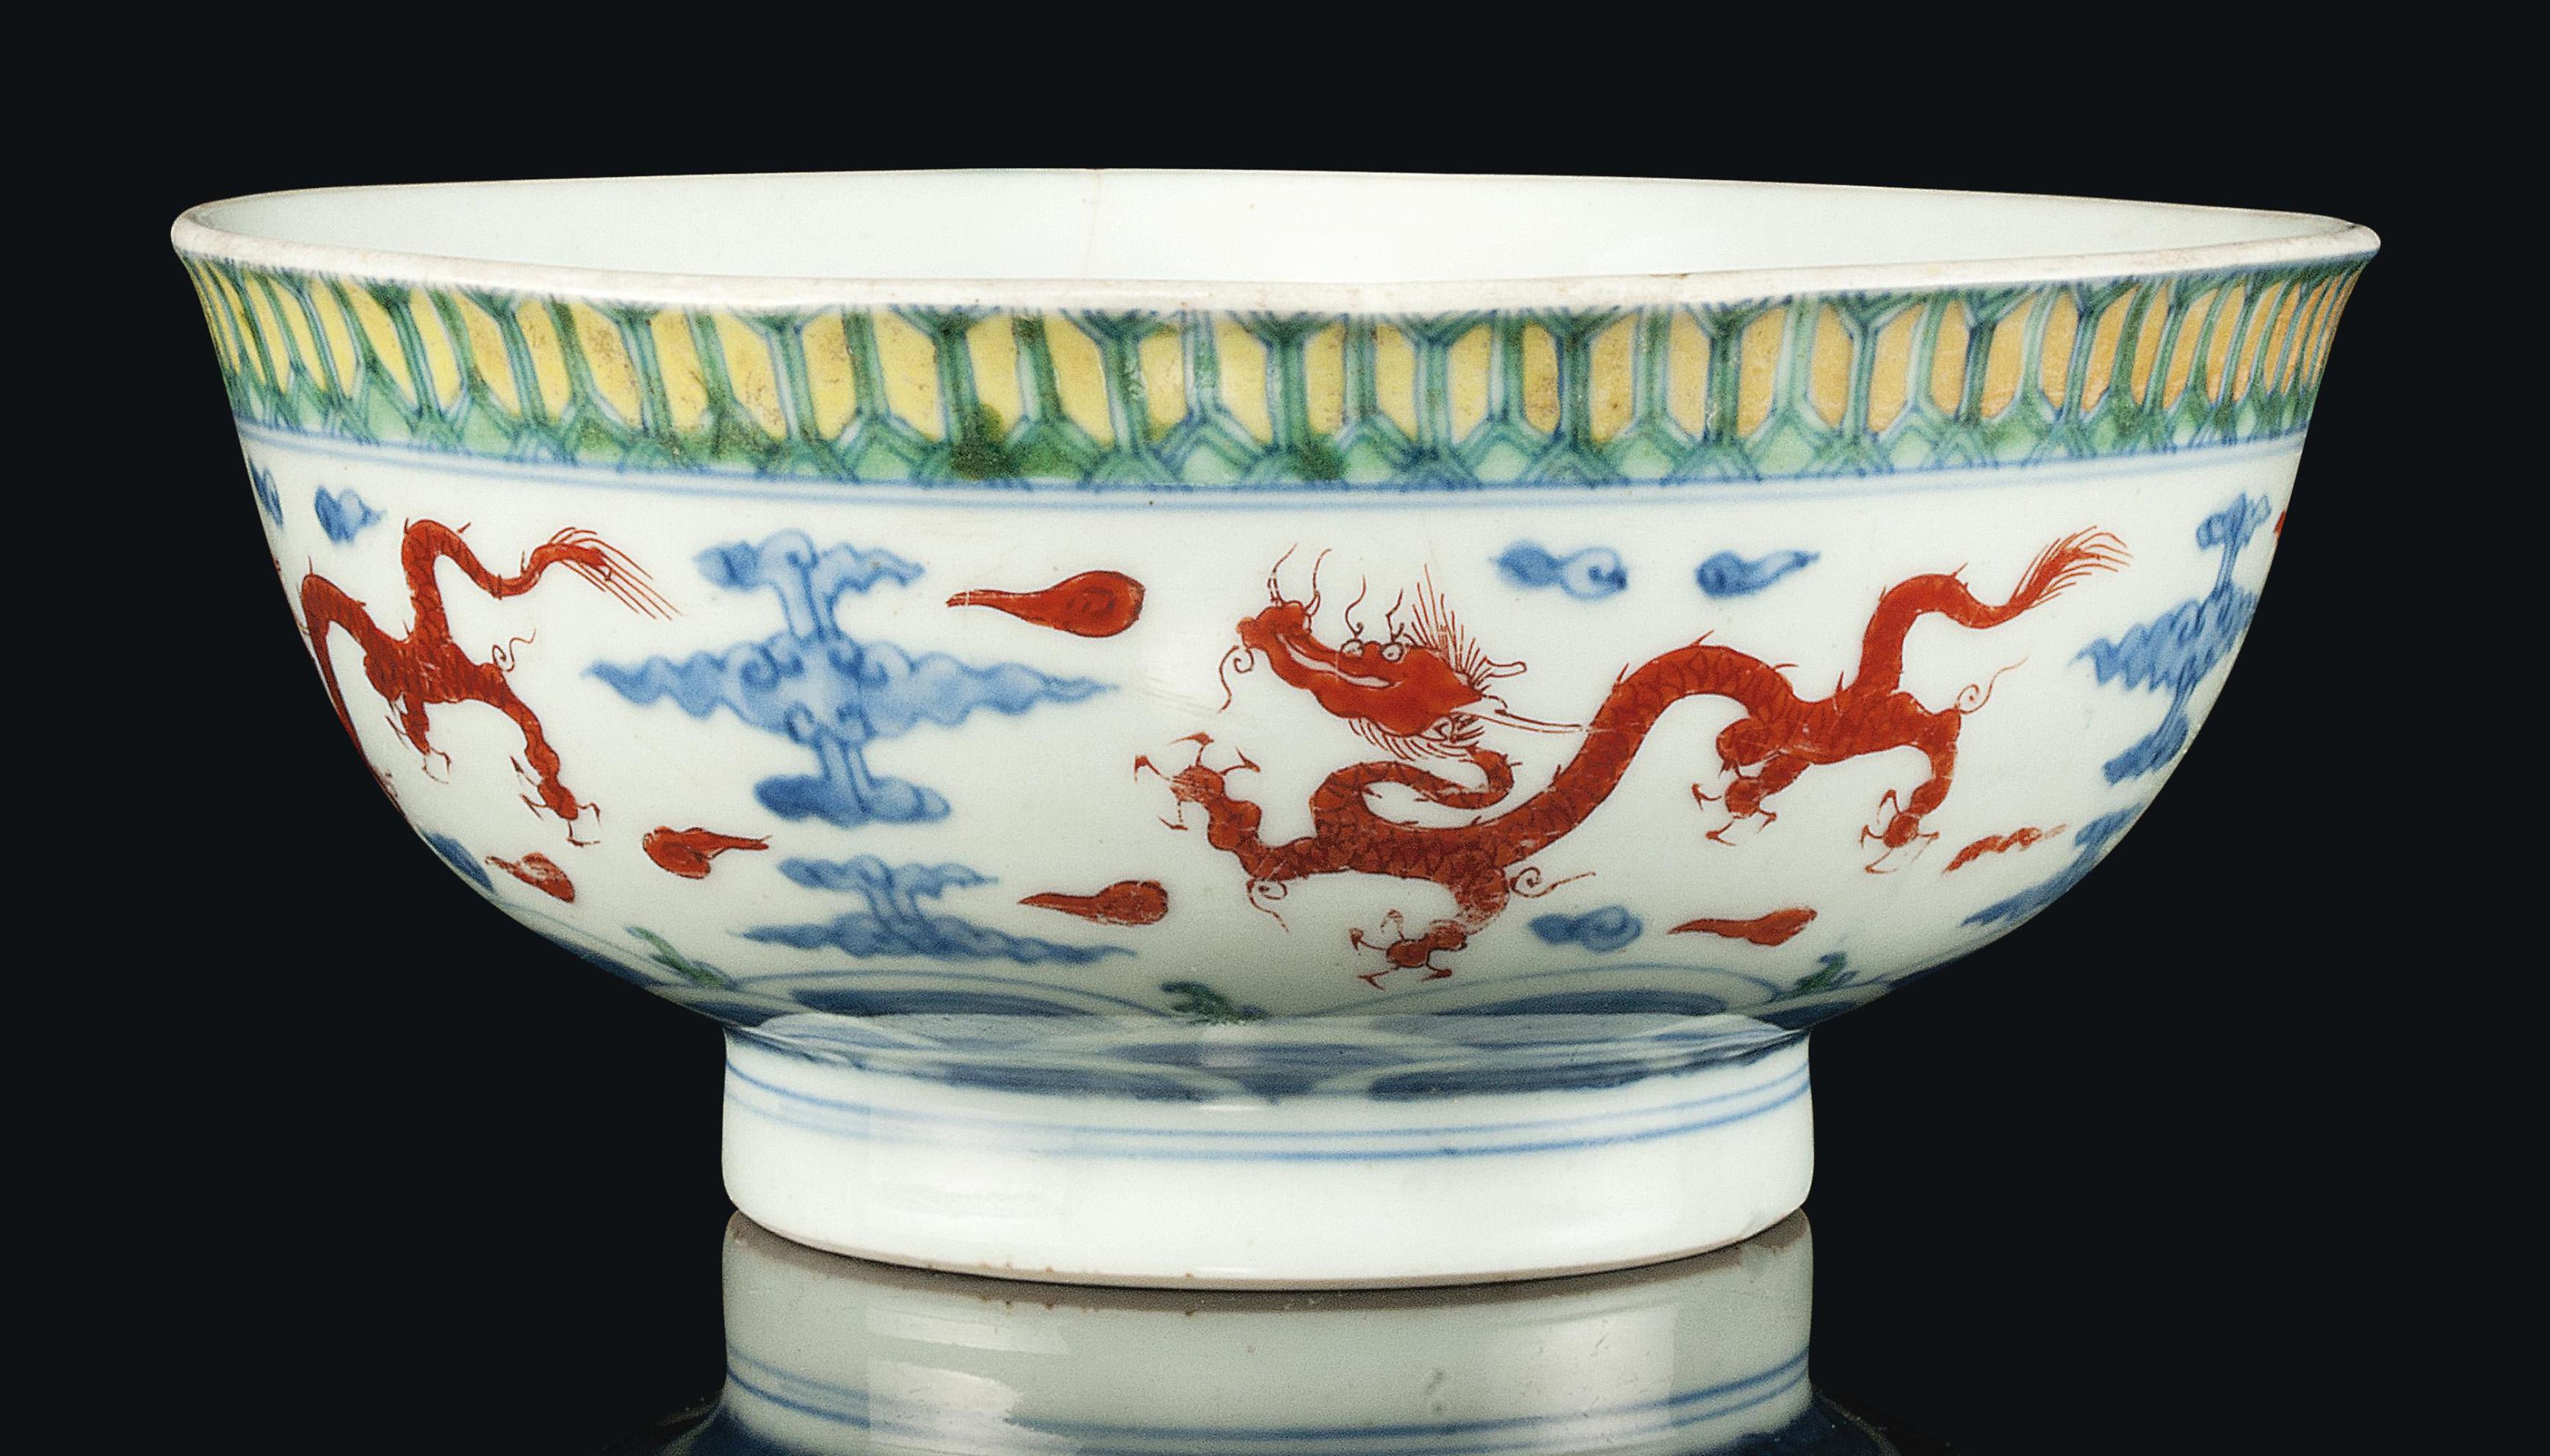 A CHINESE WUCAI DRAGON BOWL